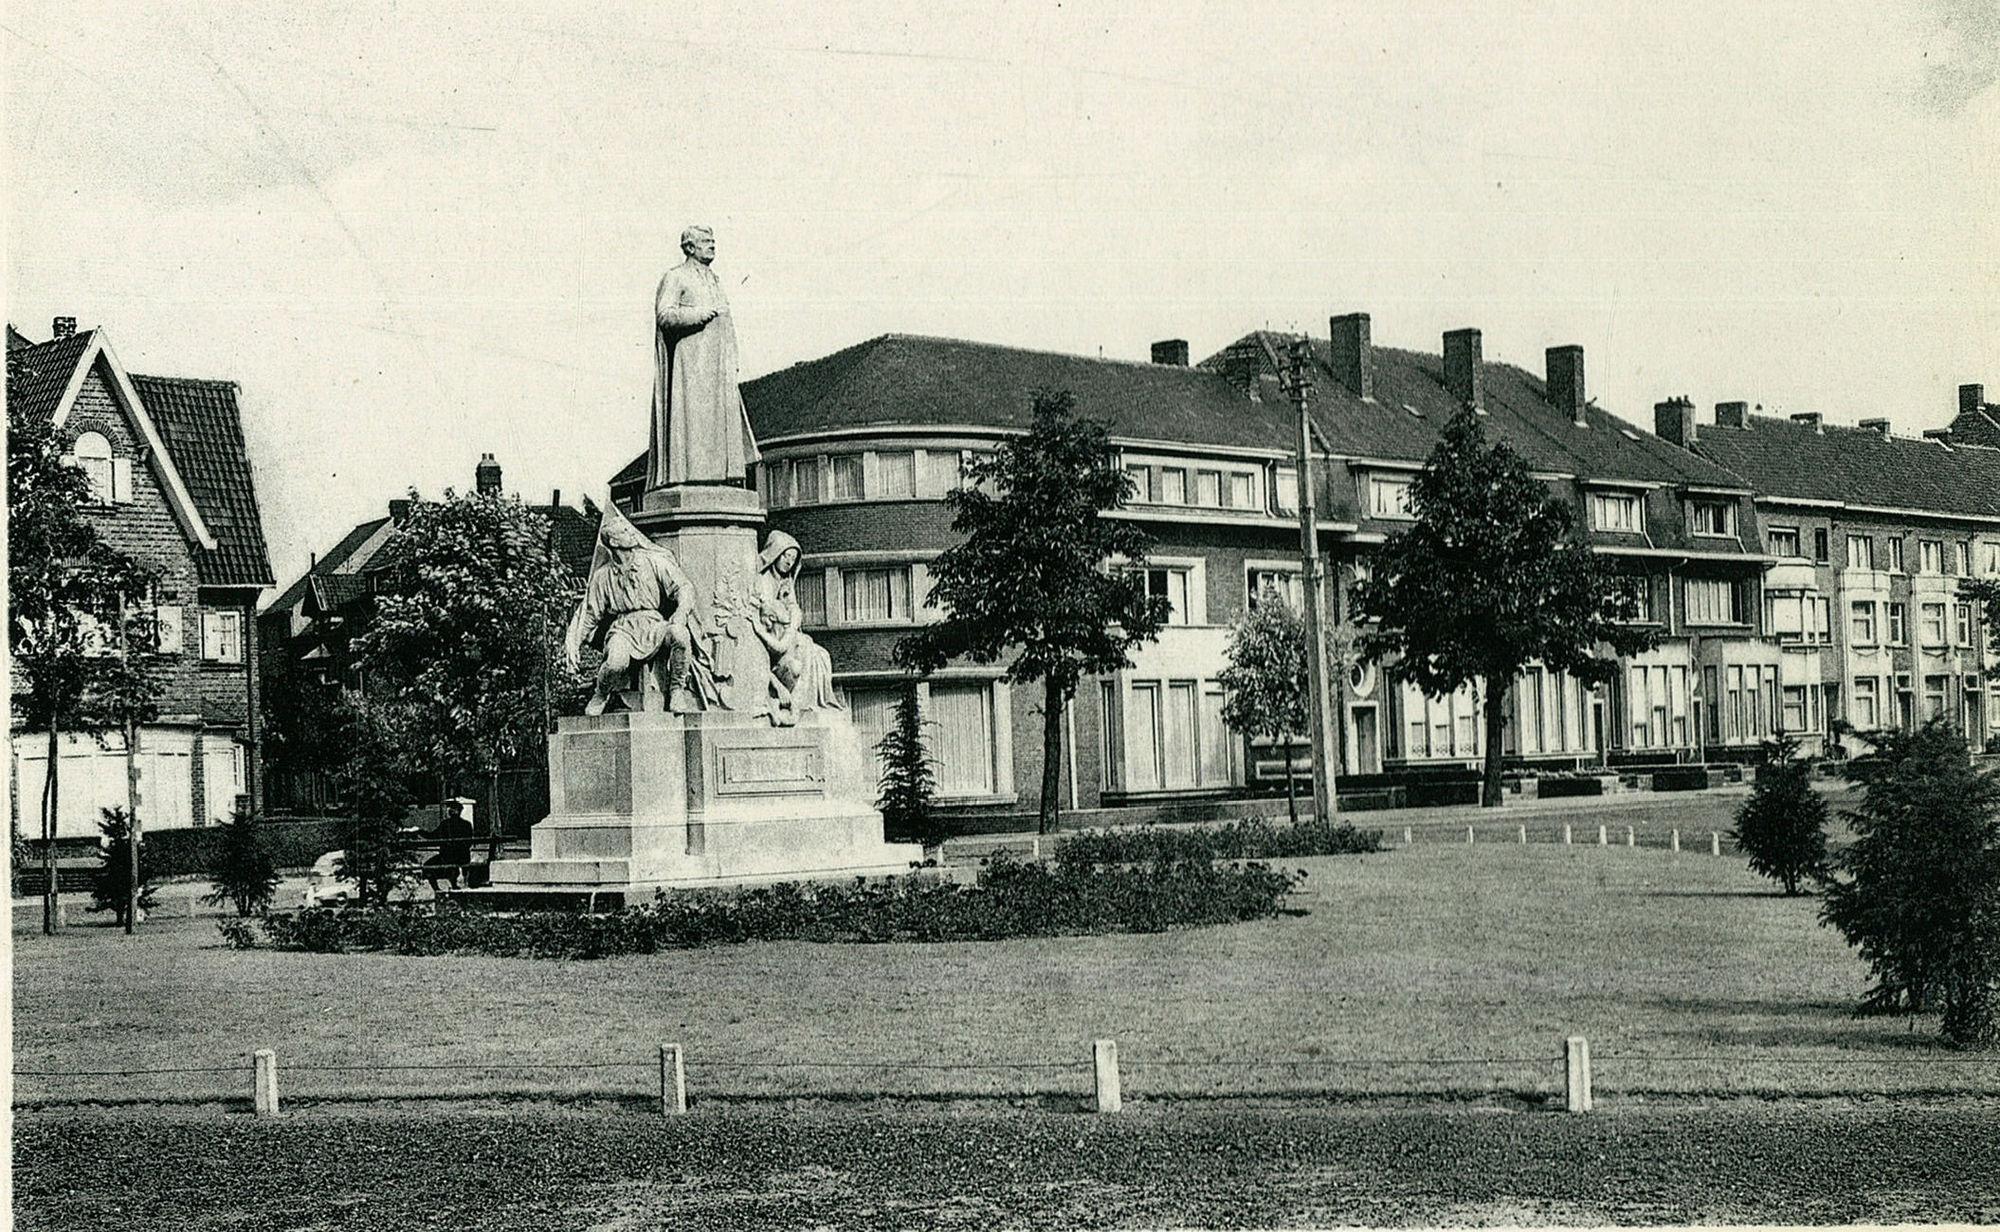 Mgr. De Haerne monument